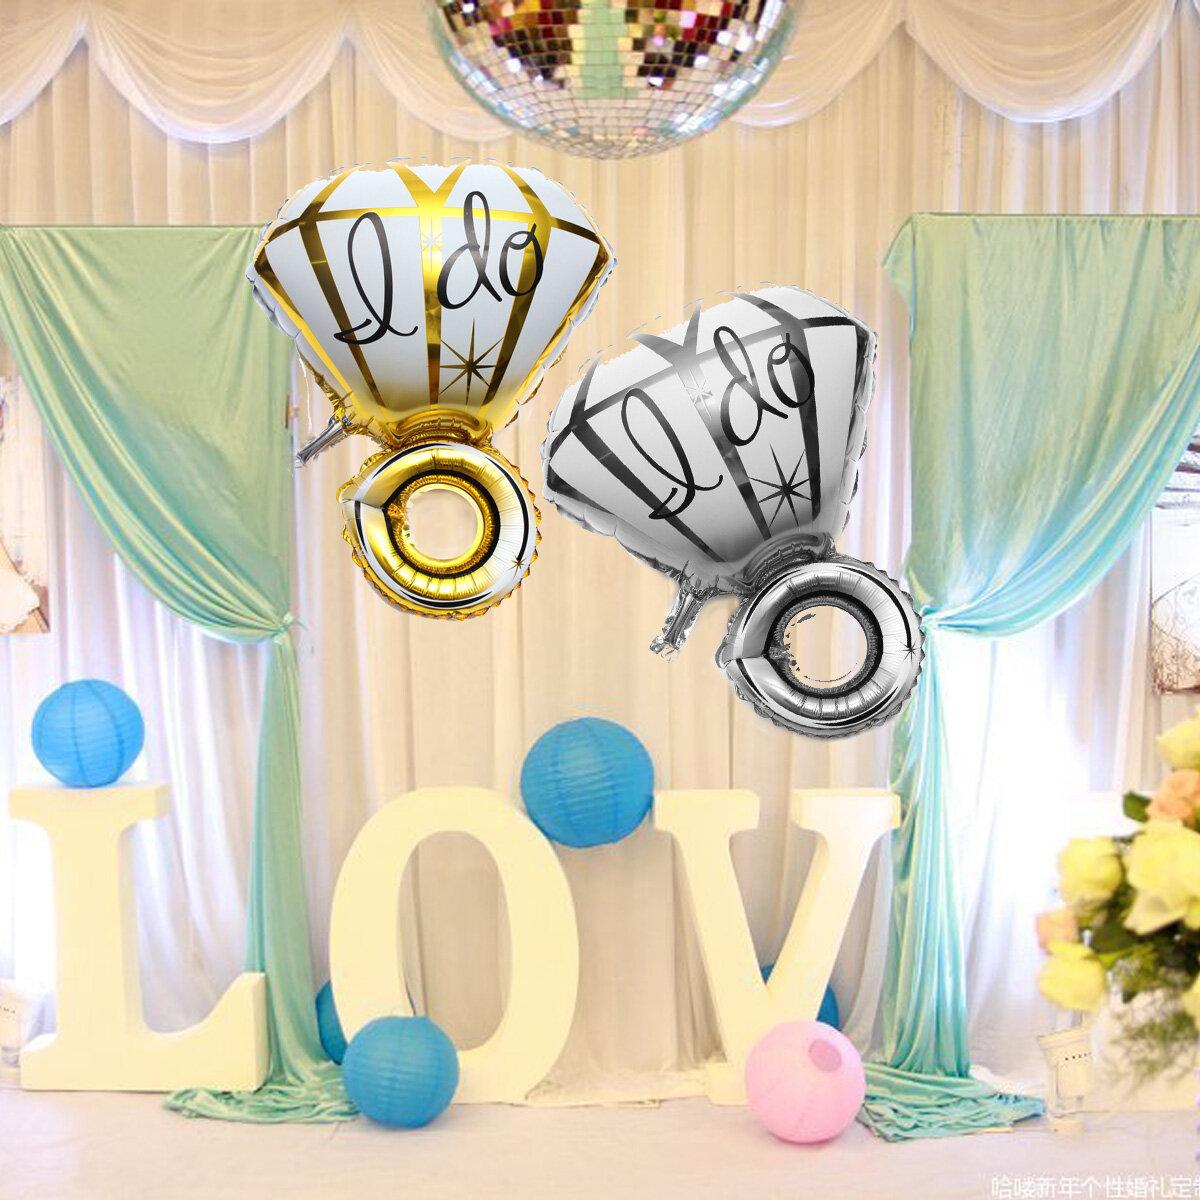 Big Diamon Ring Aluminium Balloon Balloon I DO Balloon Propose Valentine Wedding Party Trang trí